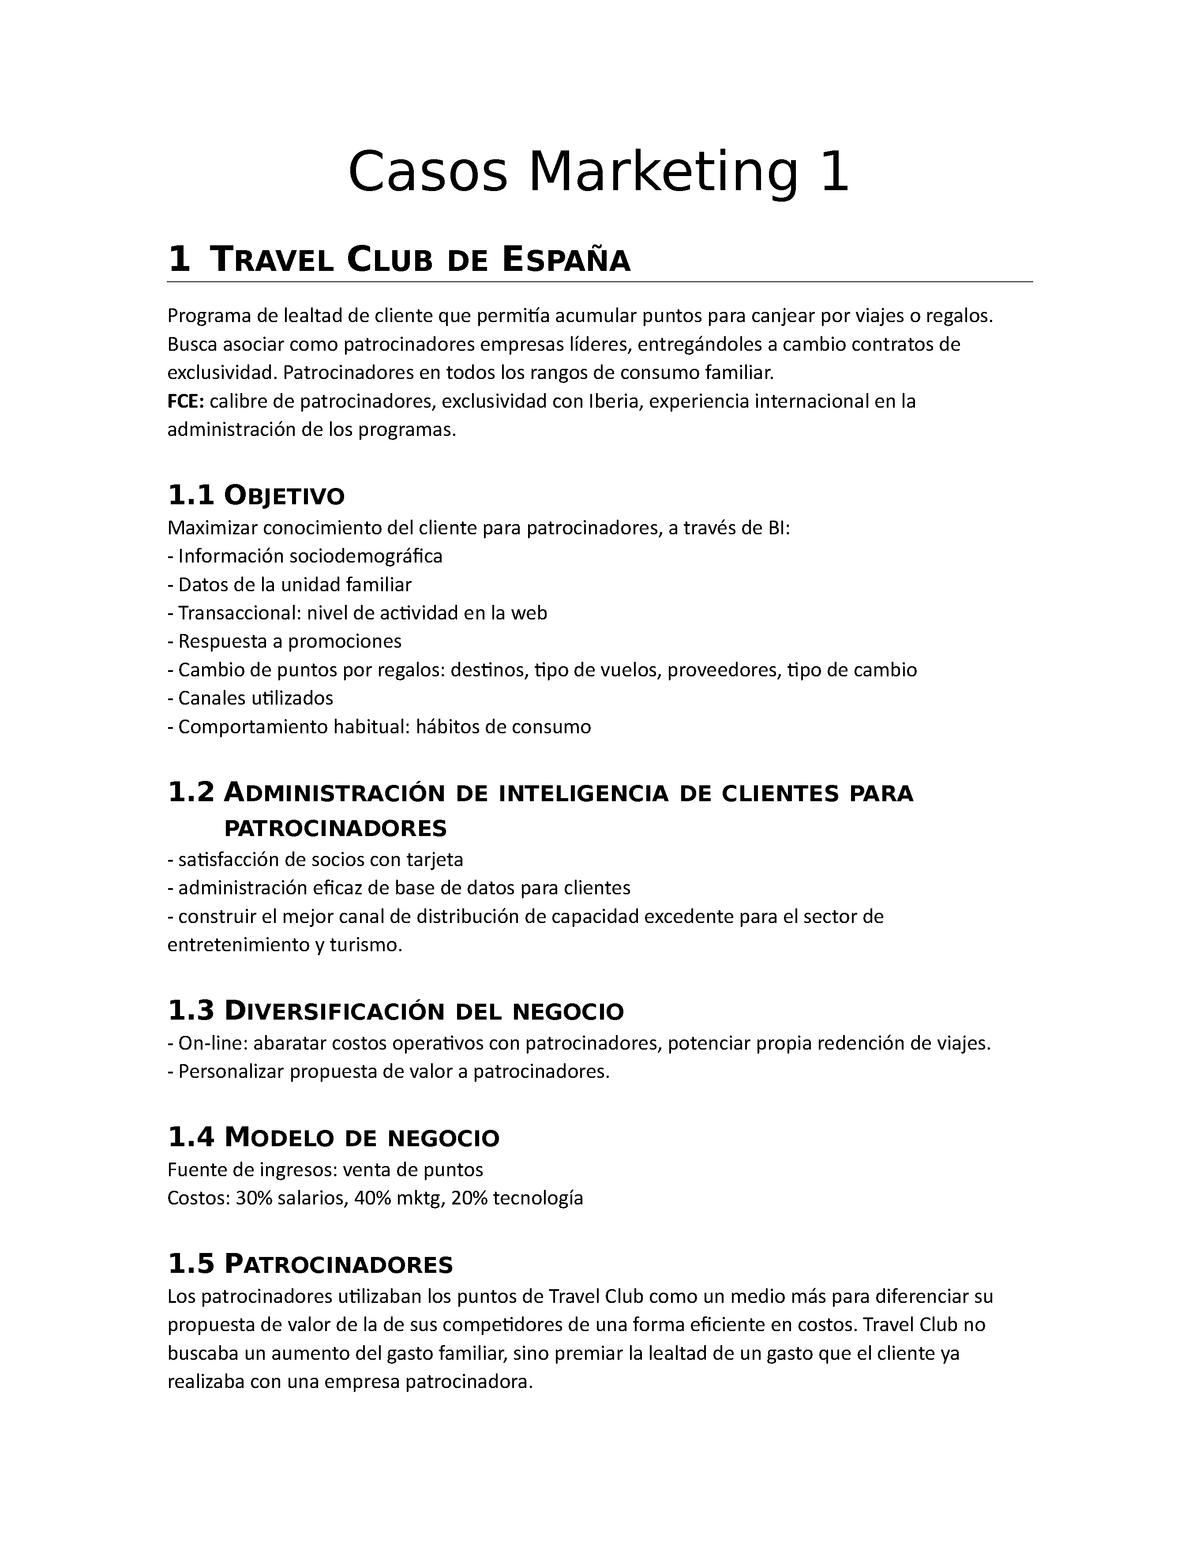 Casos Marketing 1 Nota 60 Ica 3231 Pucv Studocu